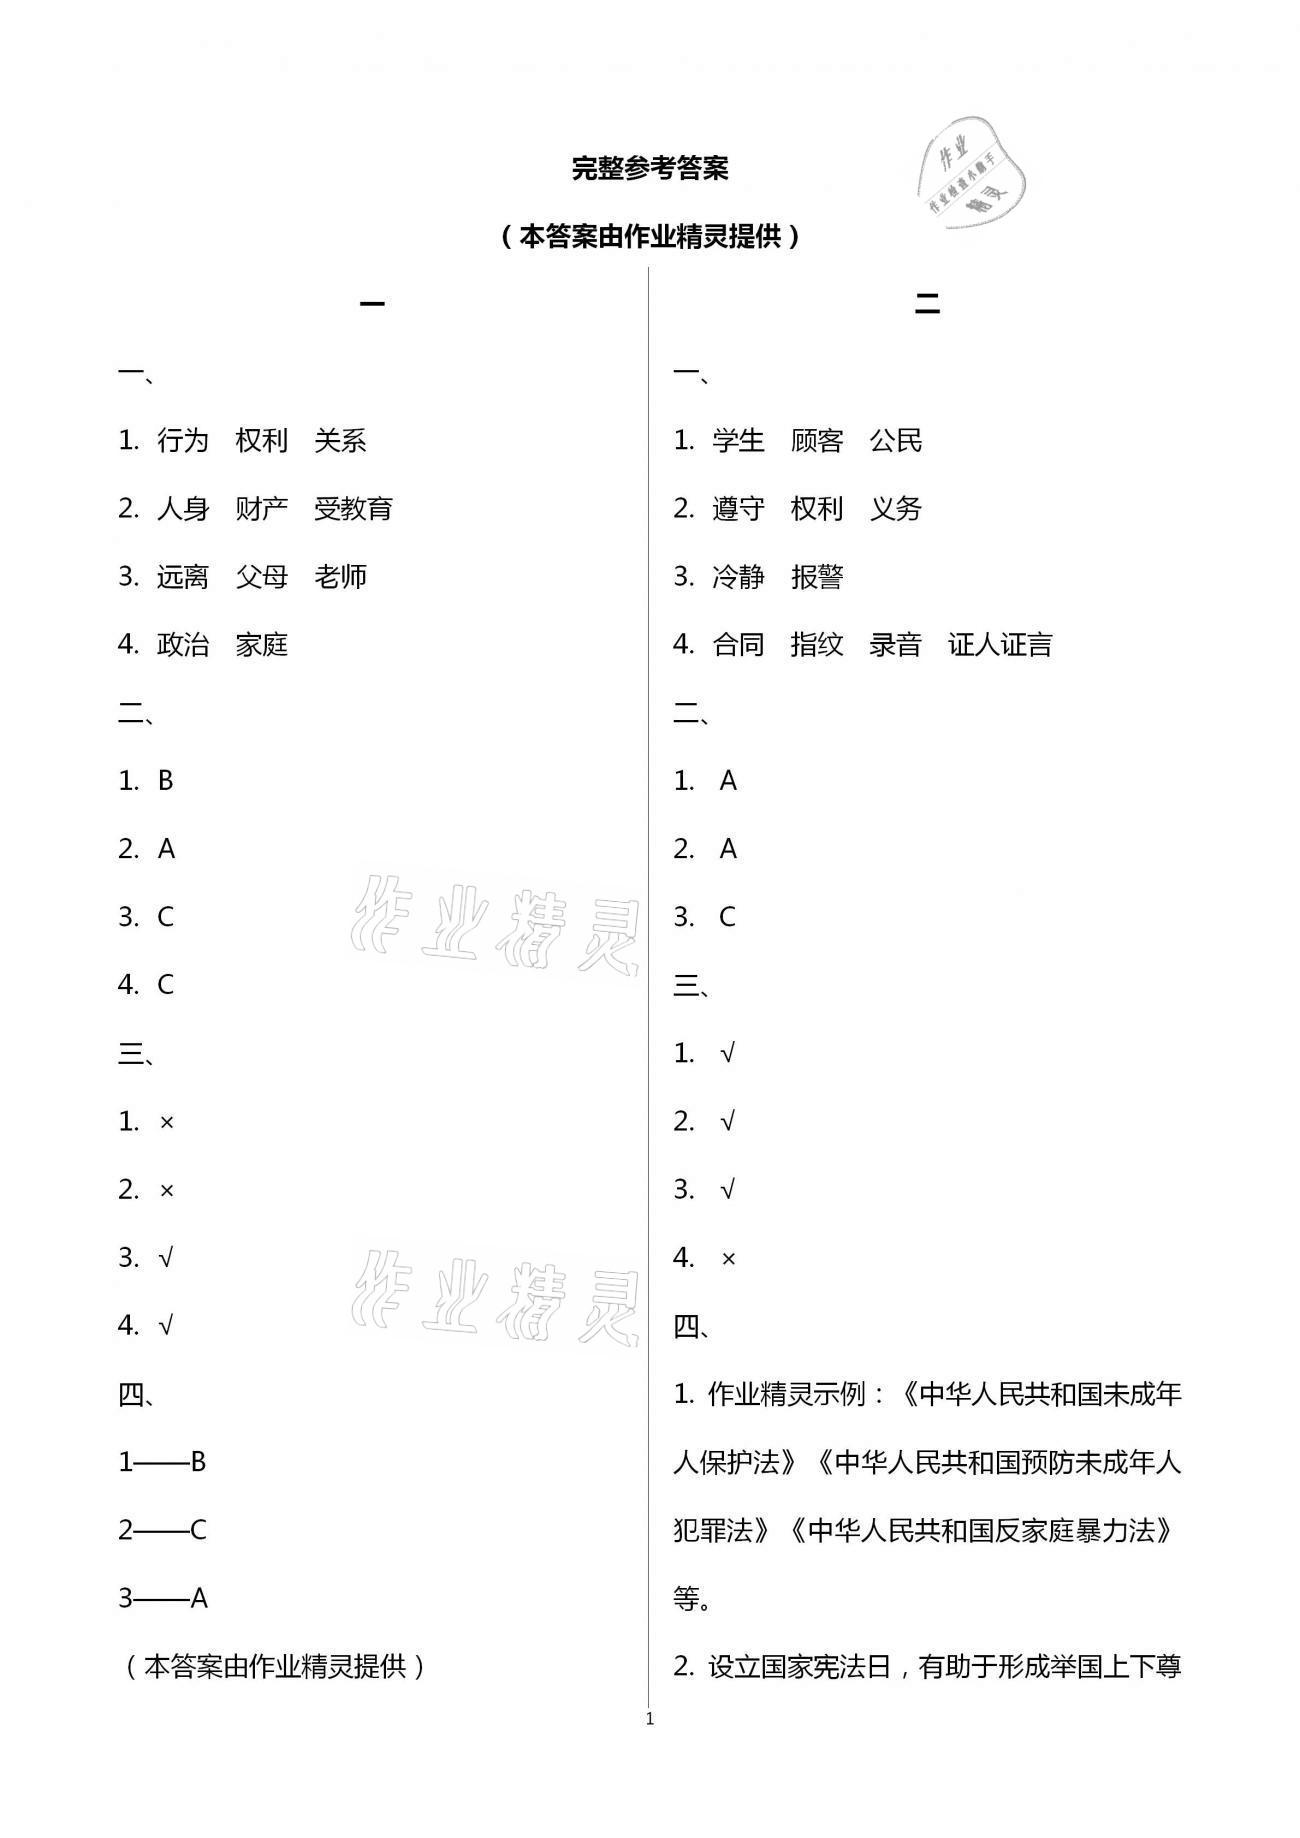 2021年湘教学苑寒假作业六年级道德与法治人教版湖南教育出版社第1页